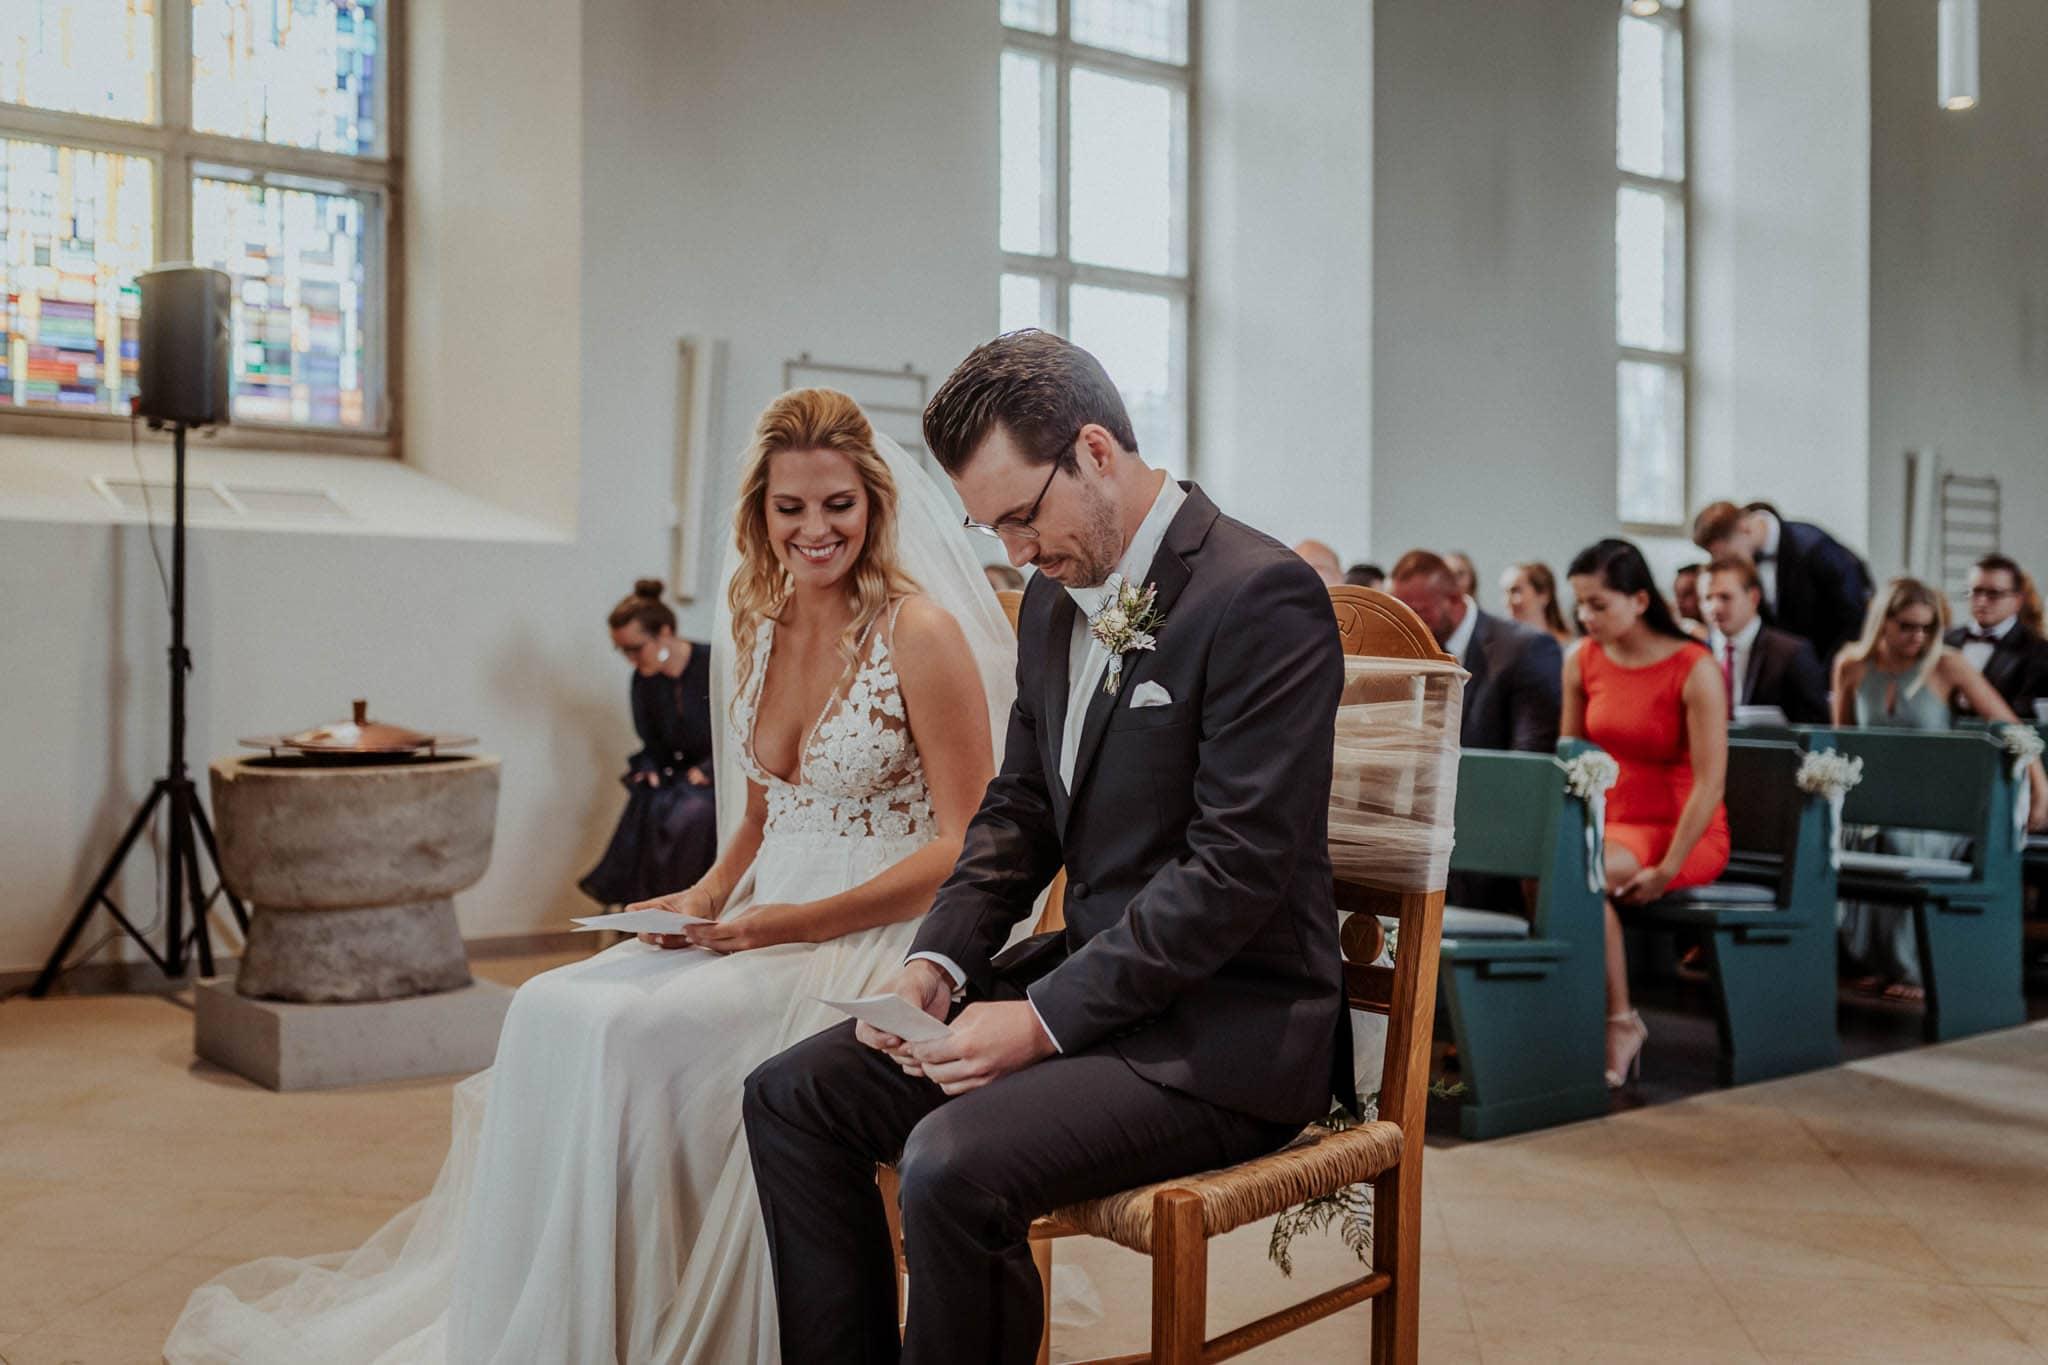 Hochzeitsfieber by Photo-Schomburg, Hochzeitsfotograf, Hamburg, Bremen, Hochzeitstag, Hochzeitspaar, Braut, Bräutigam, Bremen-Kränholm,Knoops Park-90